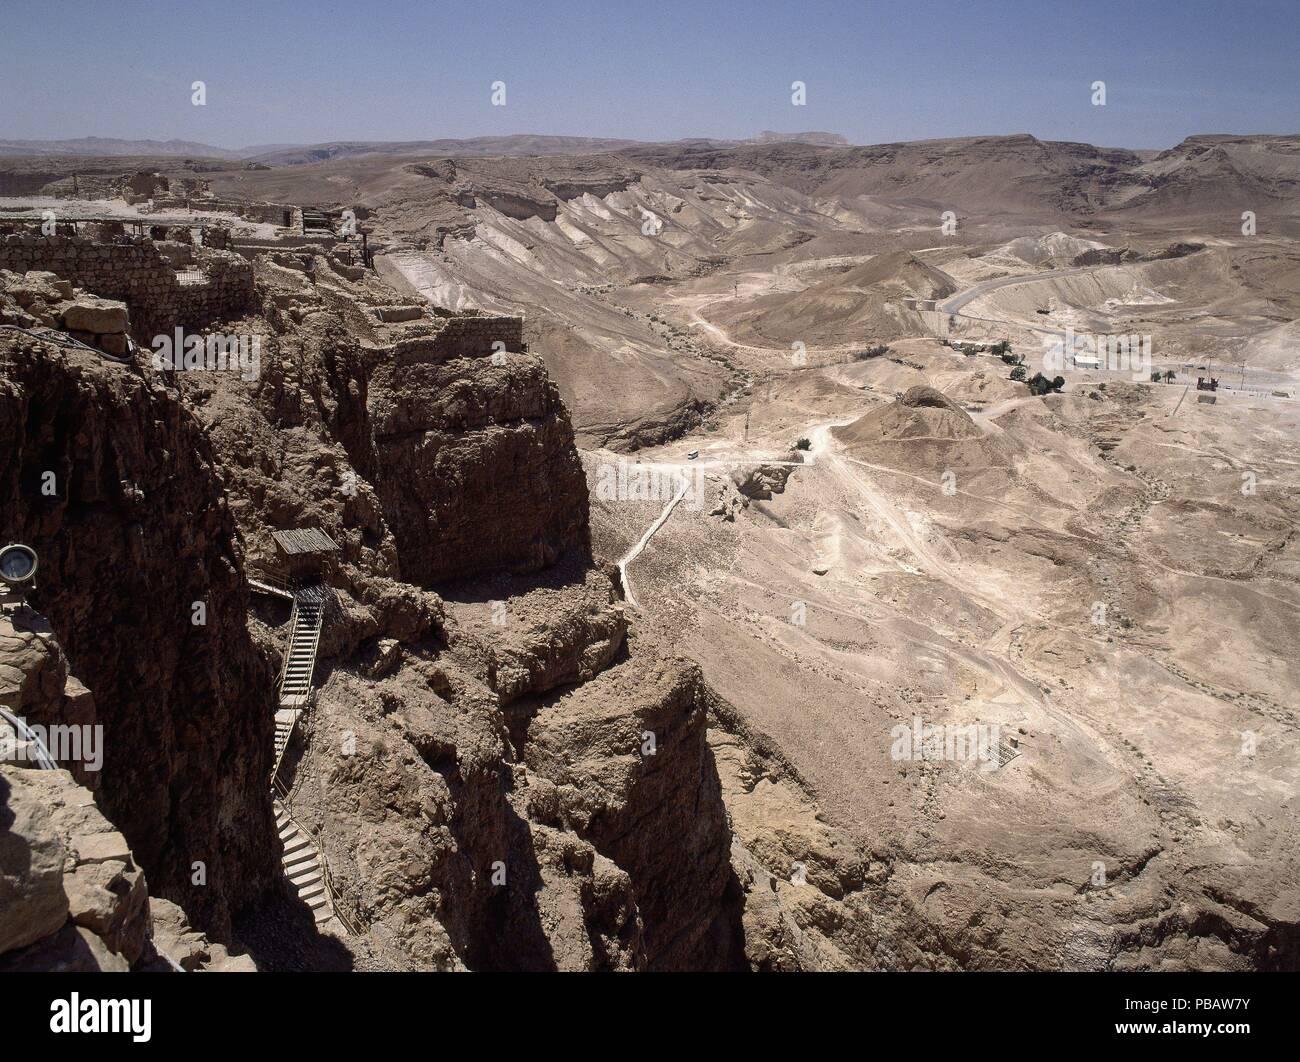 ASCENSO A LA MESETA DONDE SE ENCUENTRA LA CIUDAD FORTIFICADA EN EL AÑO 100 AC. Location: EXTERIOR, MASADA, ISRAEL. - Stock Image